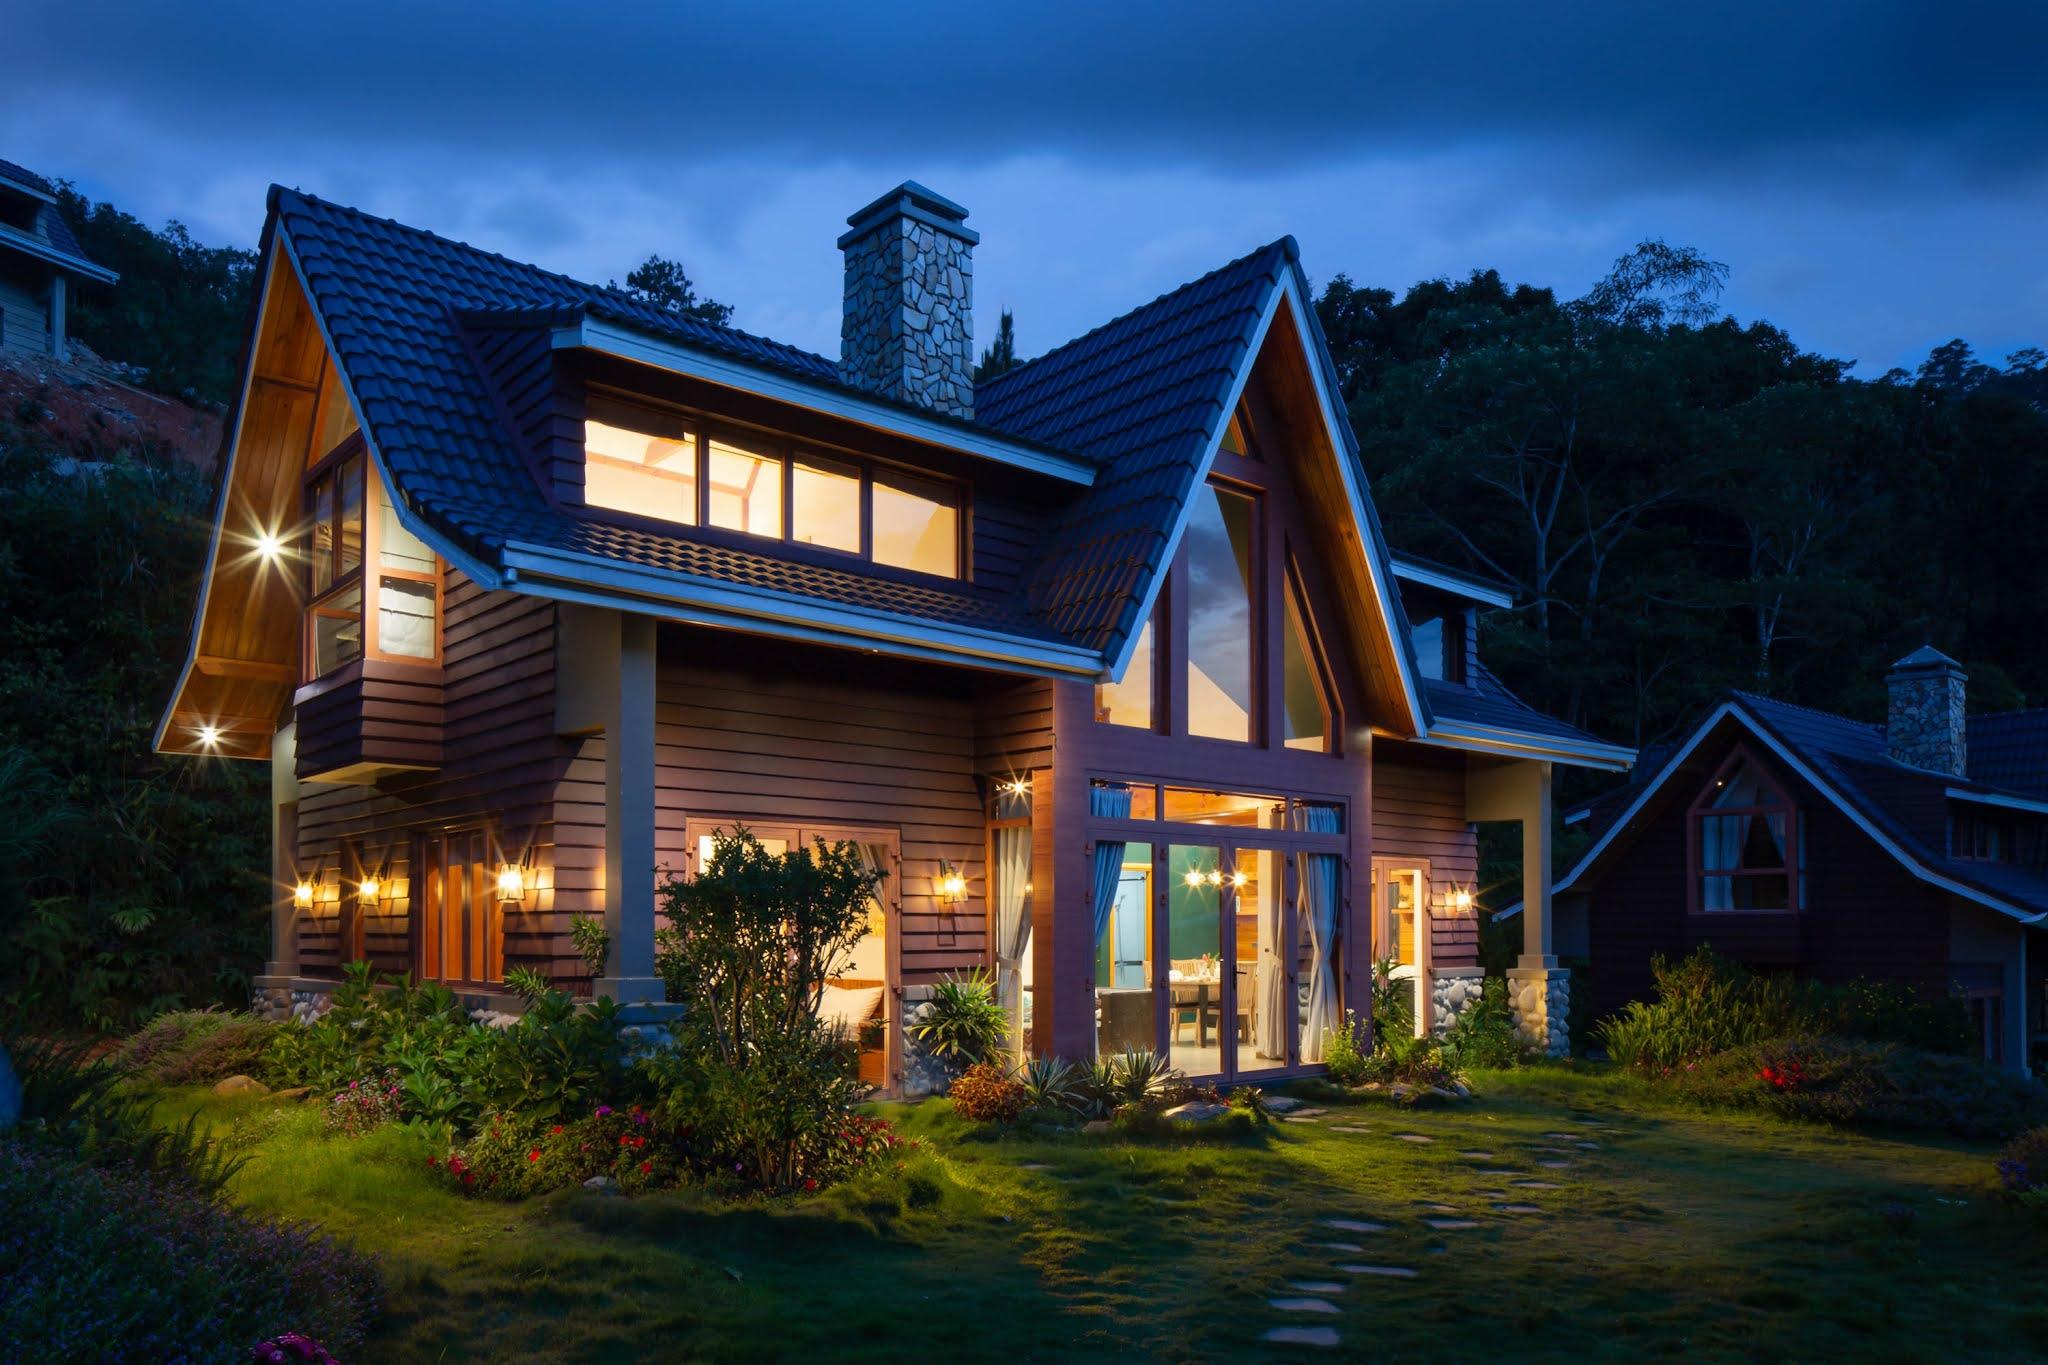 beli tanah loan lppsa